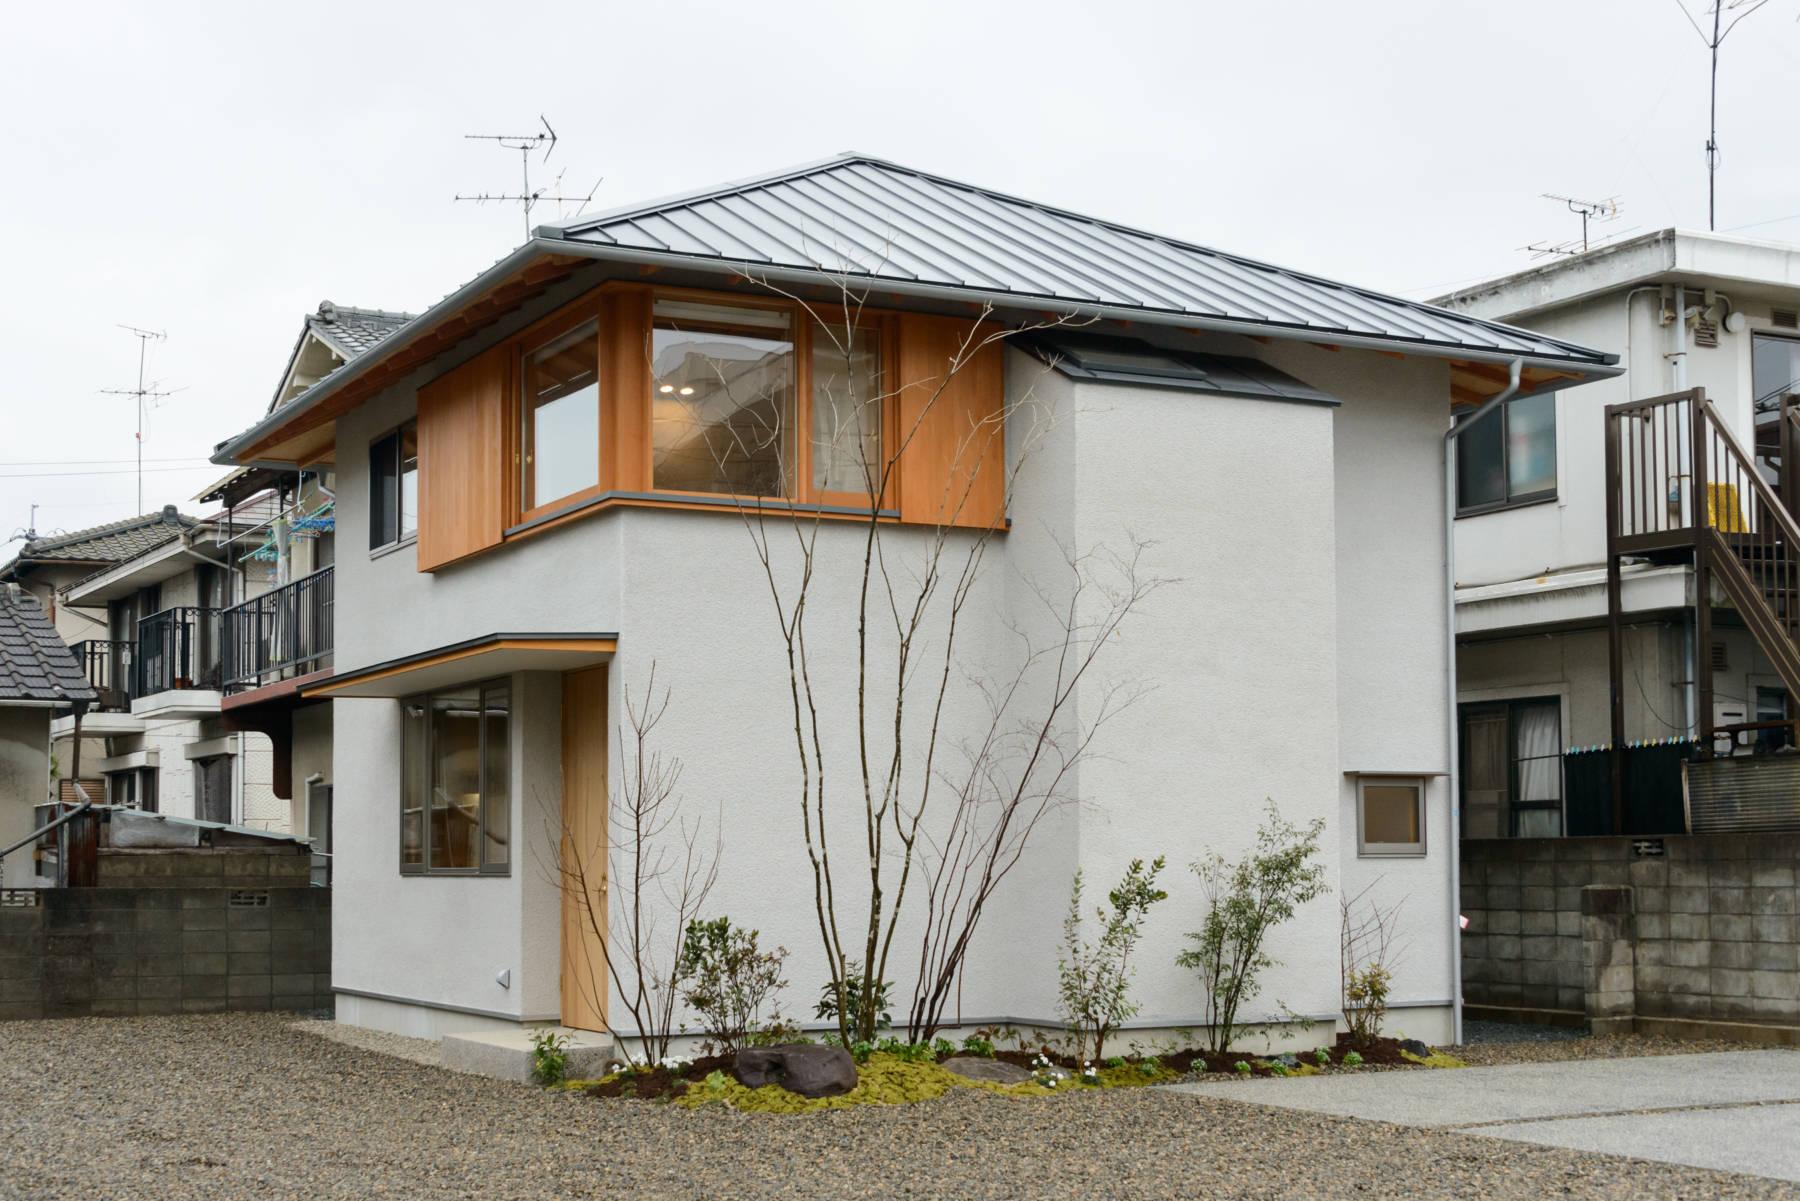 国府市場の家 終の棲家の狭小住宅